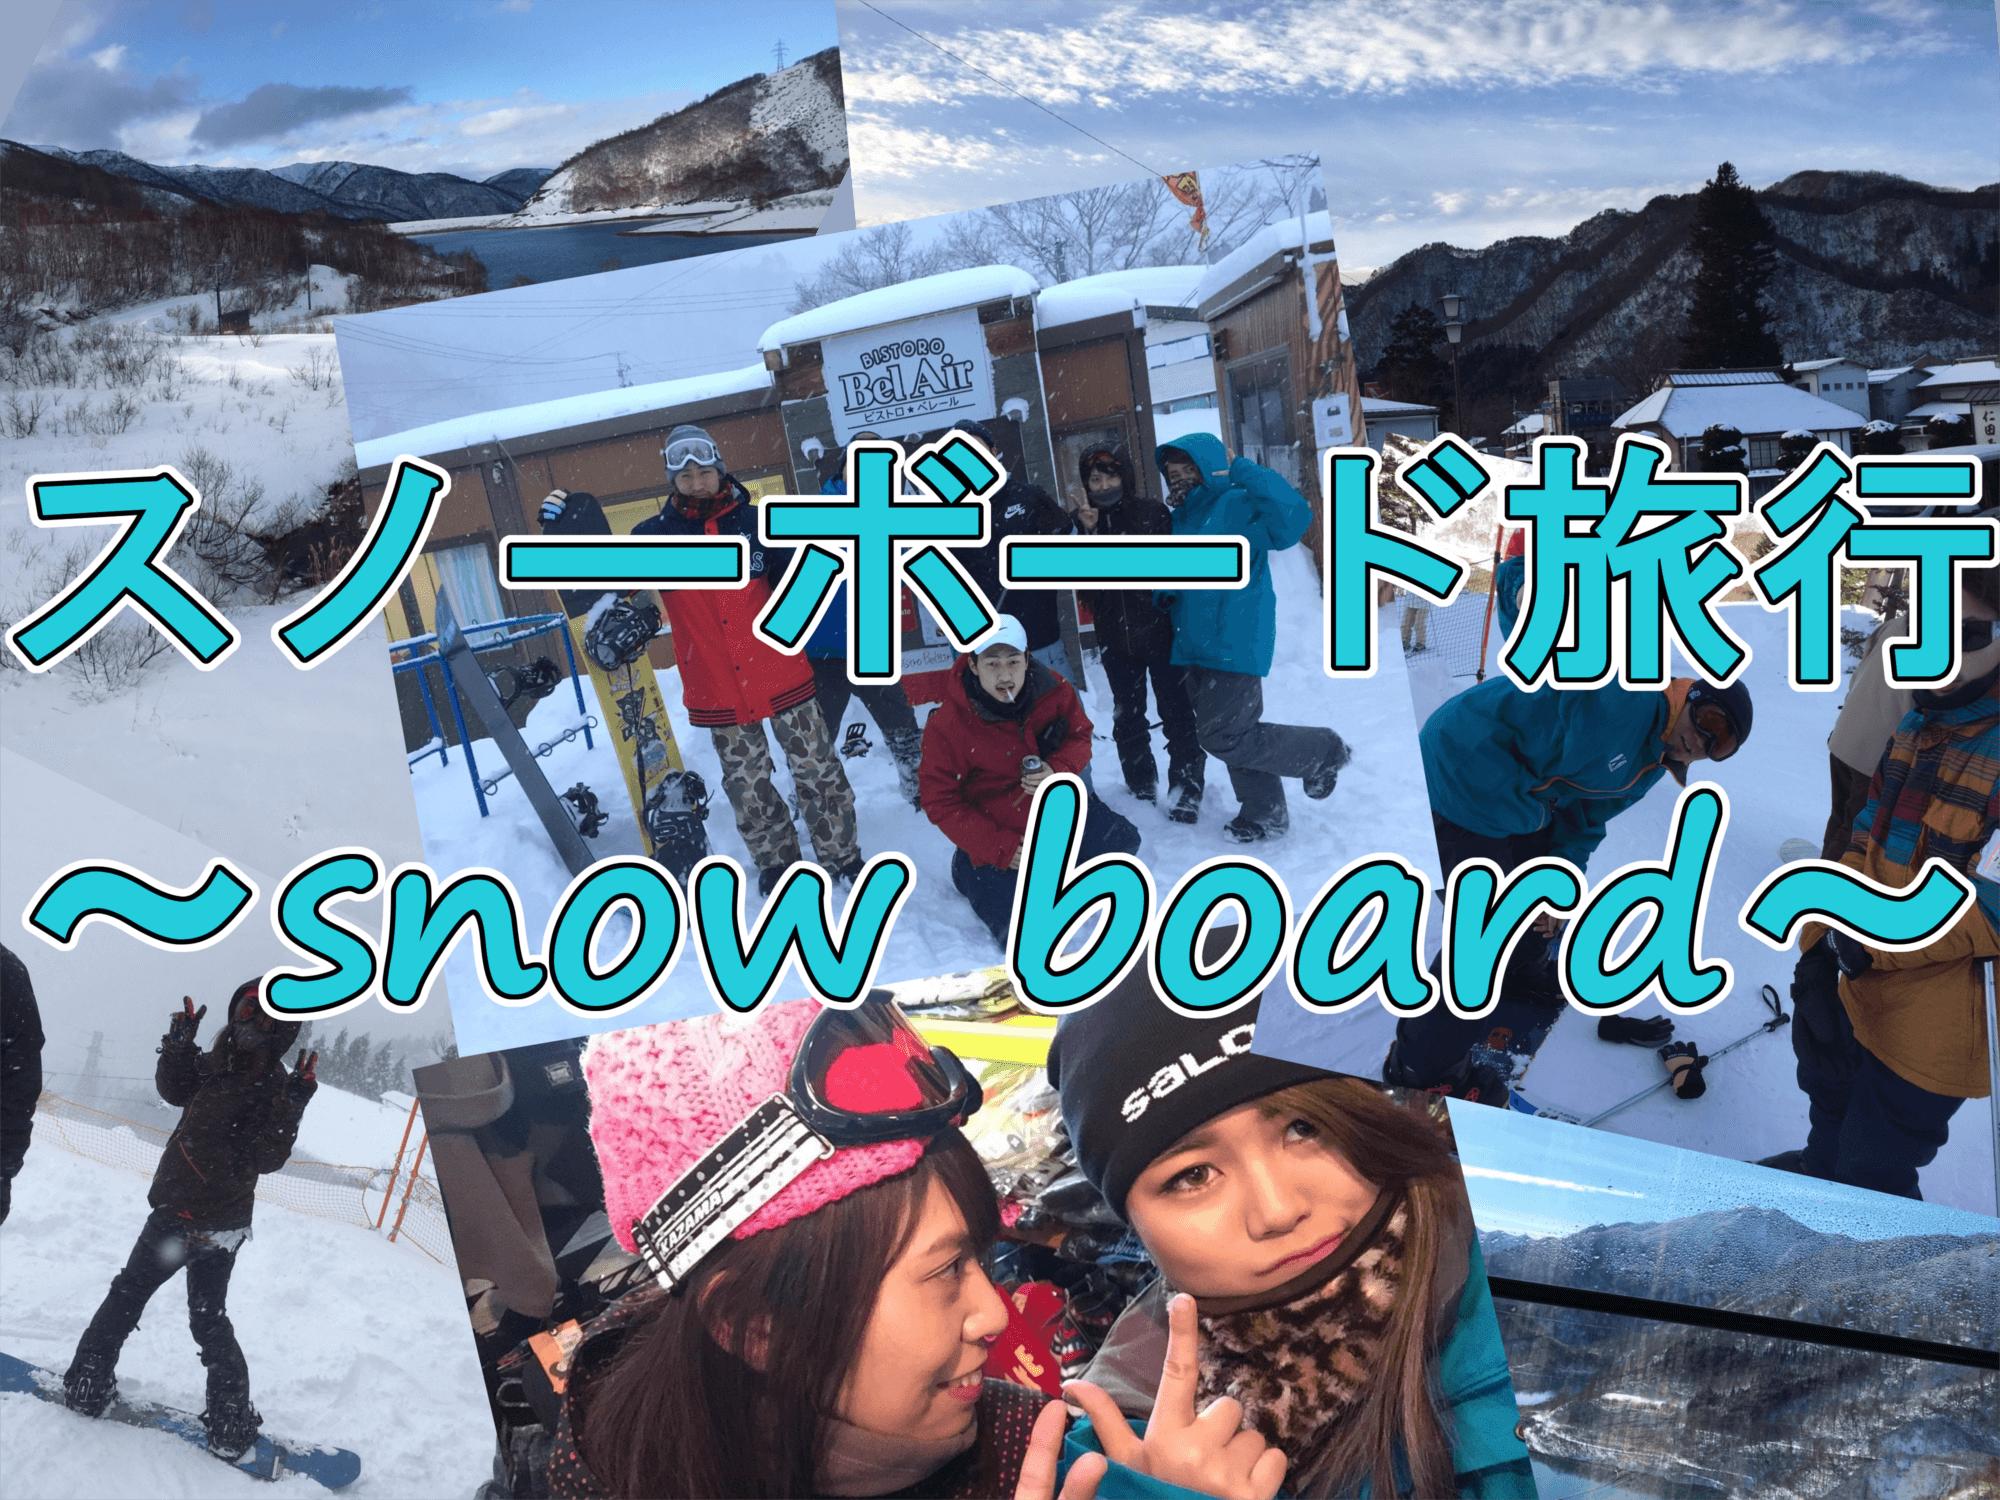 スノーボード旅行~snow board~